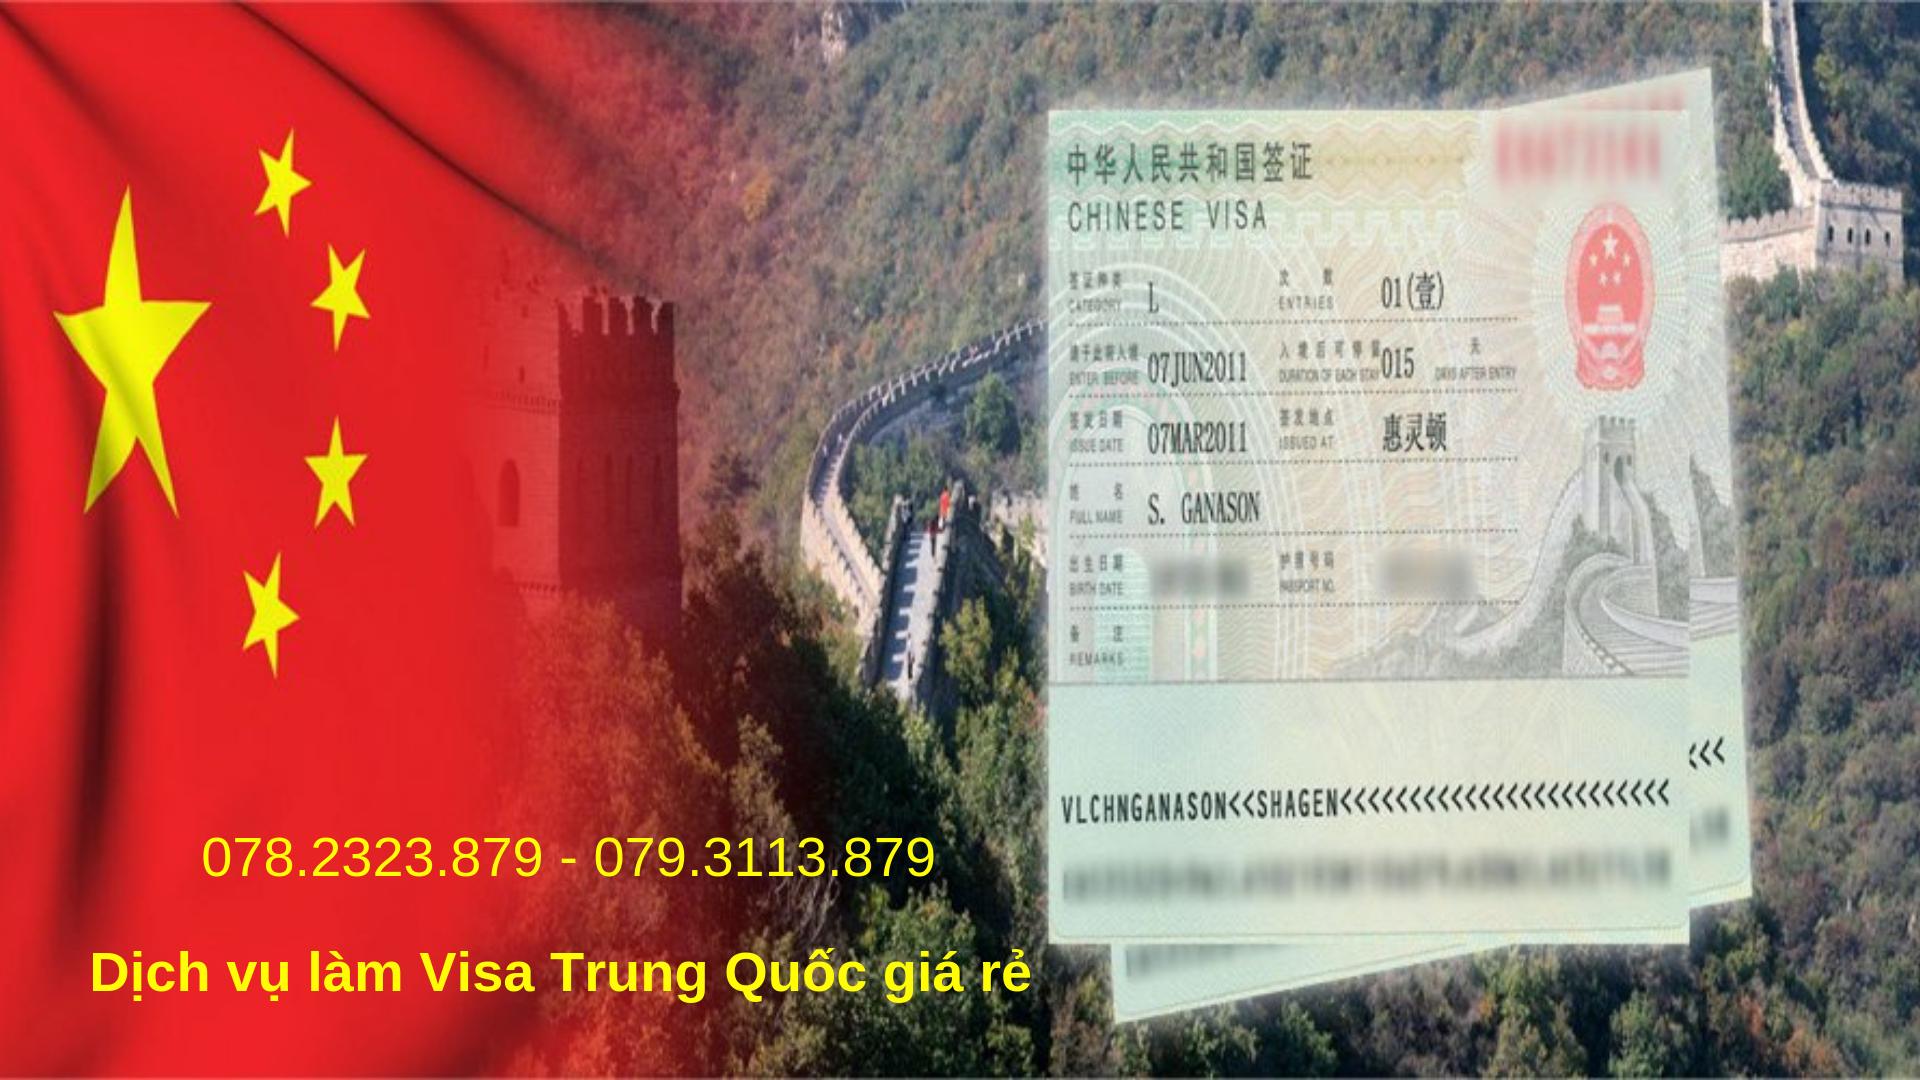 Dịch vụ làm visa Trung Quốc nhanh, gọn, giá rẻ